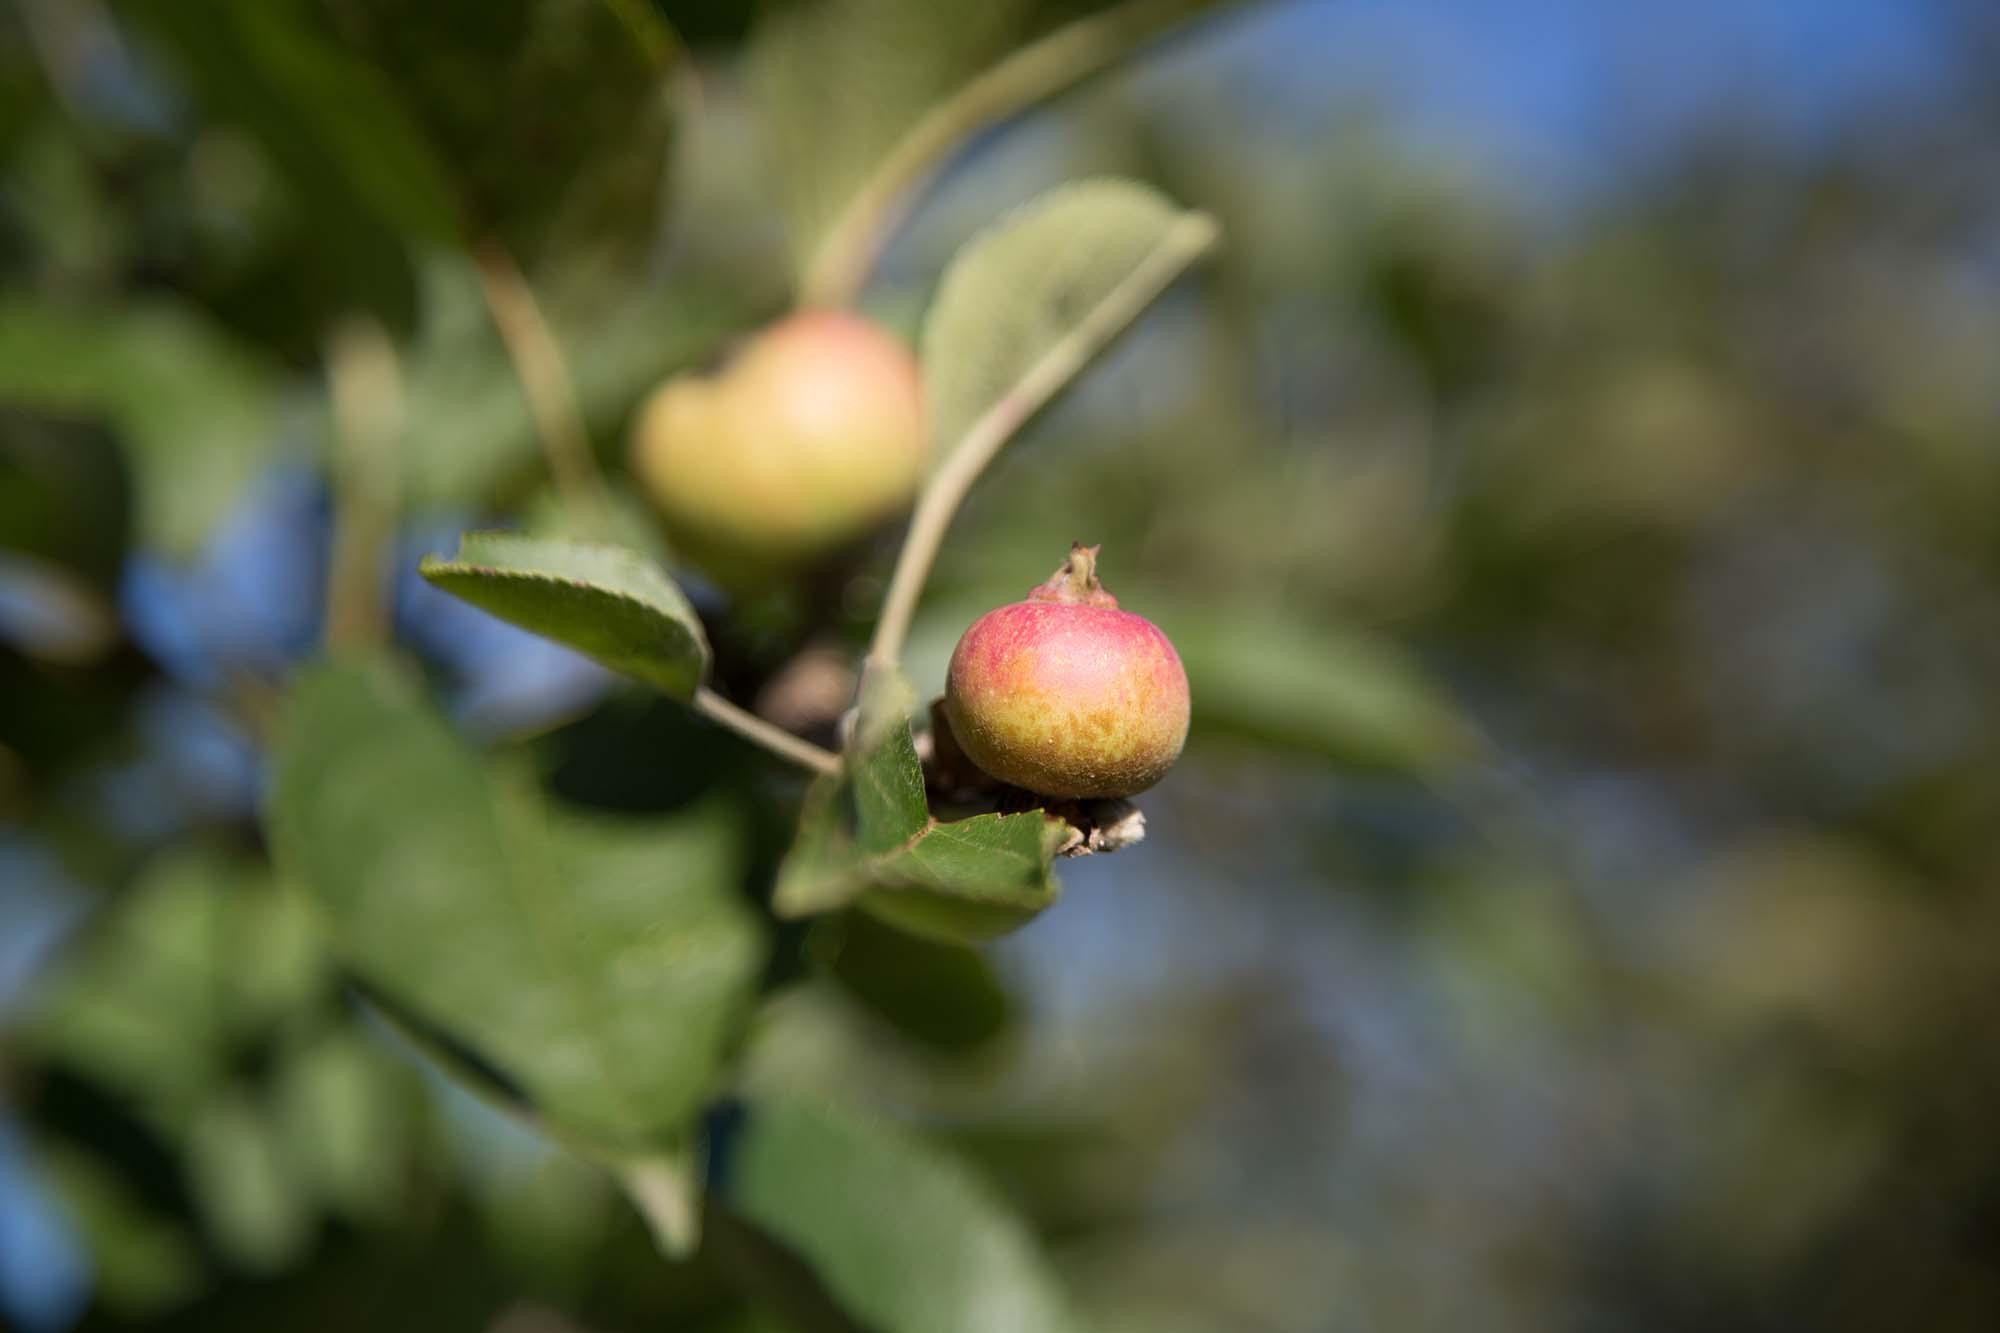 Estado de maduración de la manzana de sidra de la cosecha 2020